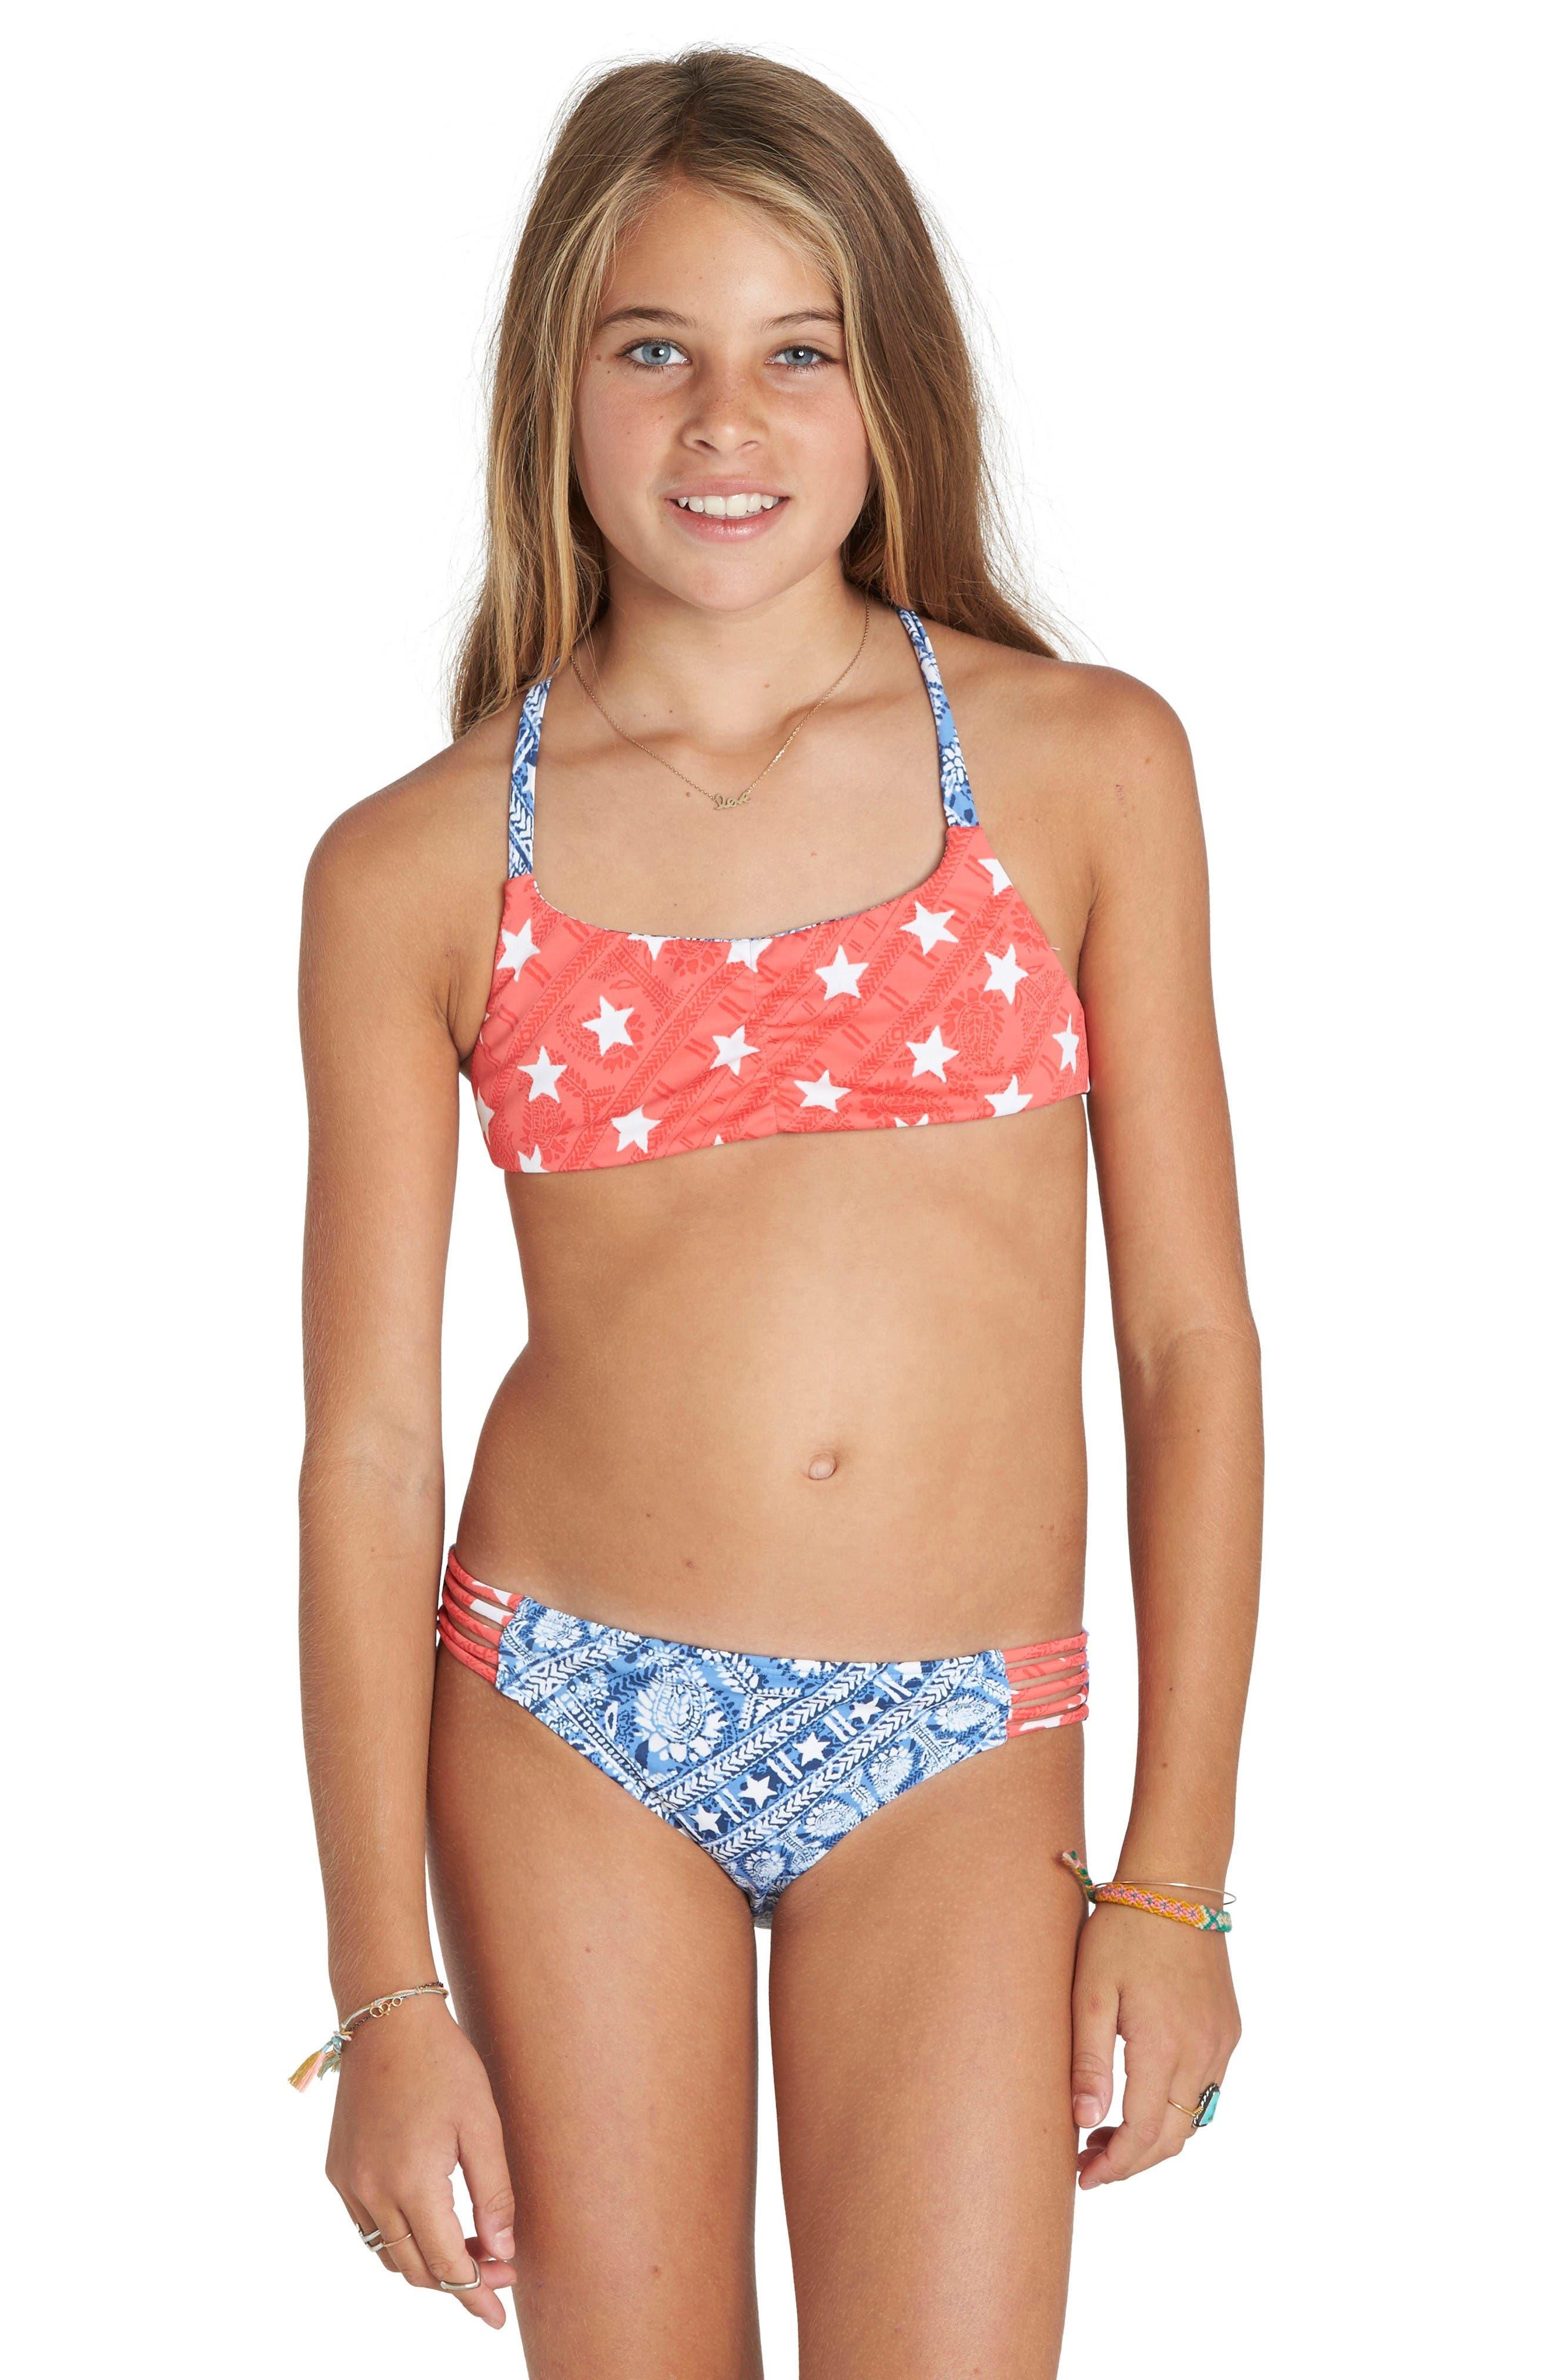 Billabong Starlight Two Piece Reversible Swimsuit Little